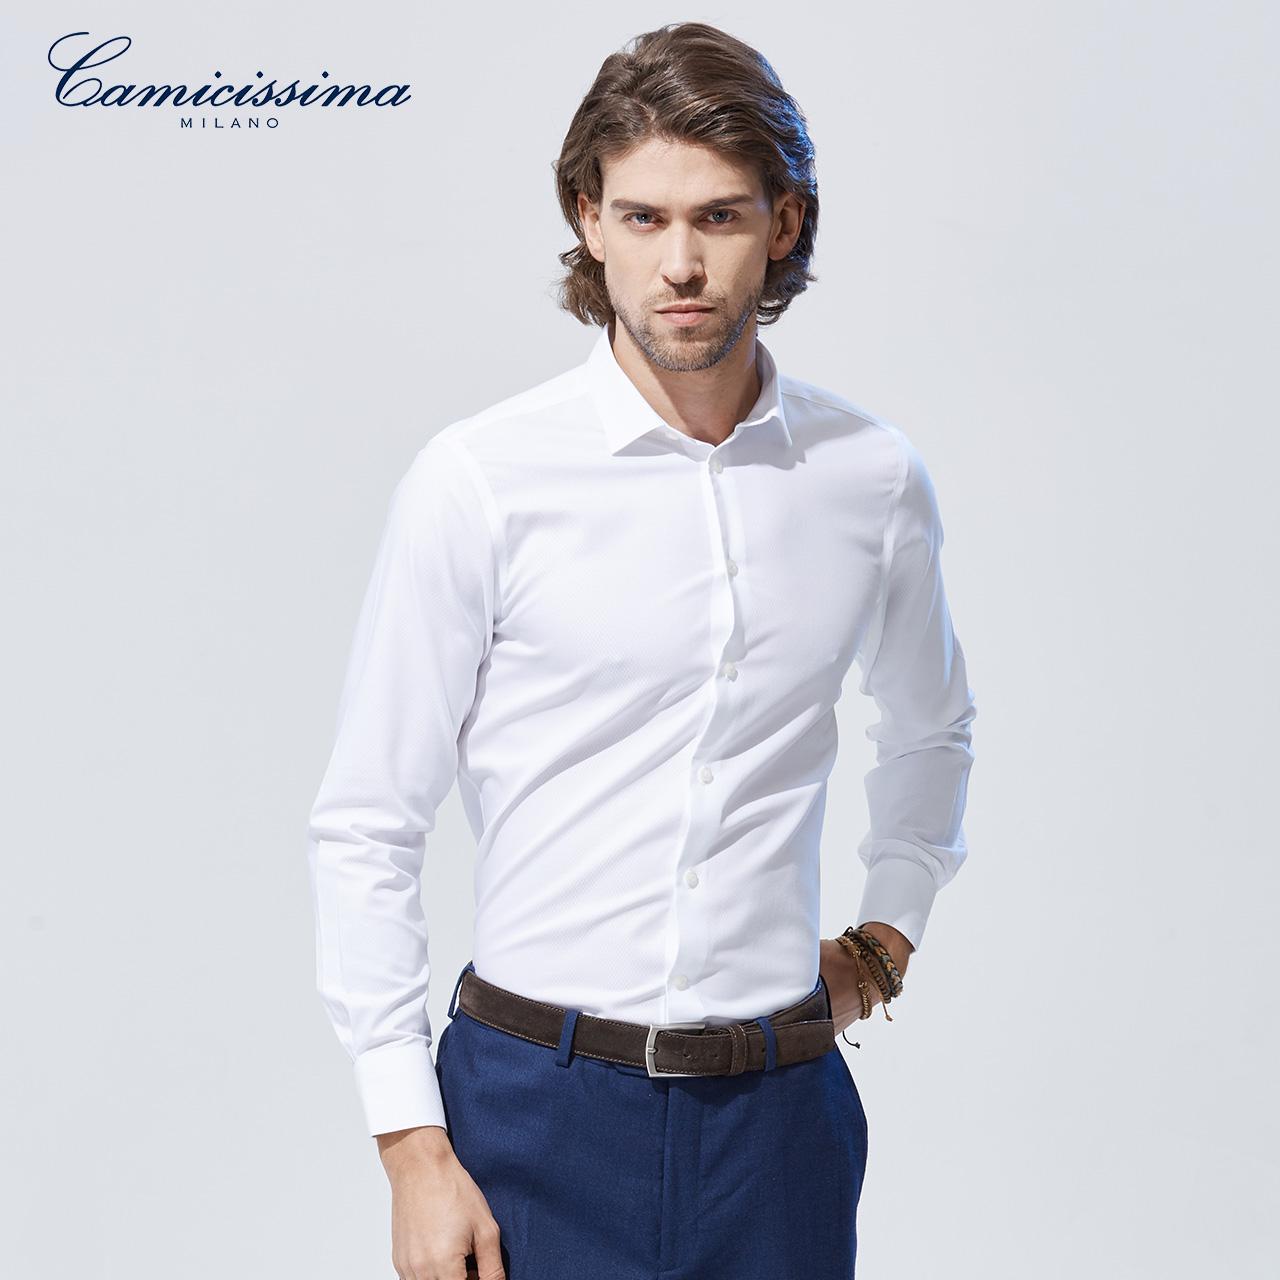 恺米切2018年春秋款男士商务修身免烫长袖衬衫 纯棉白色衬衣